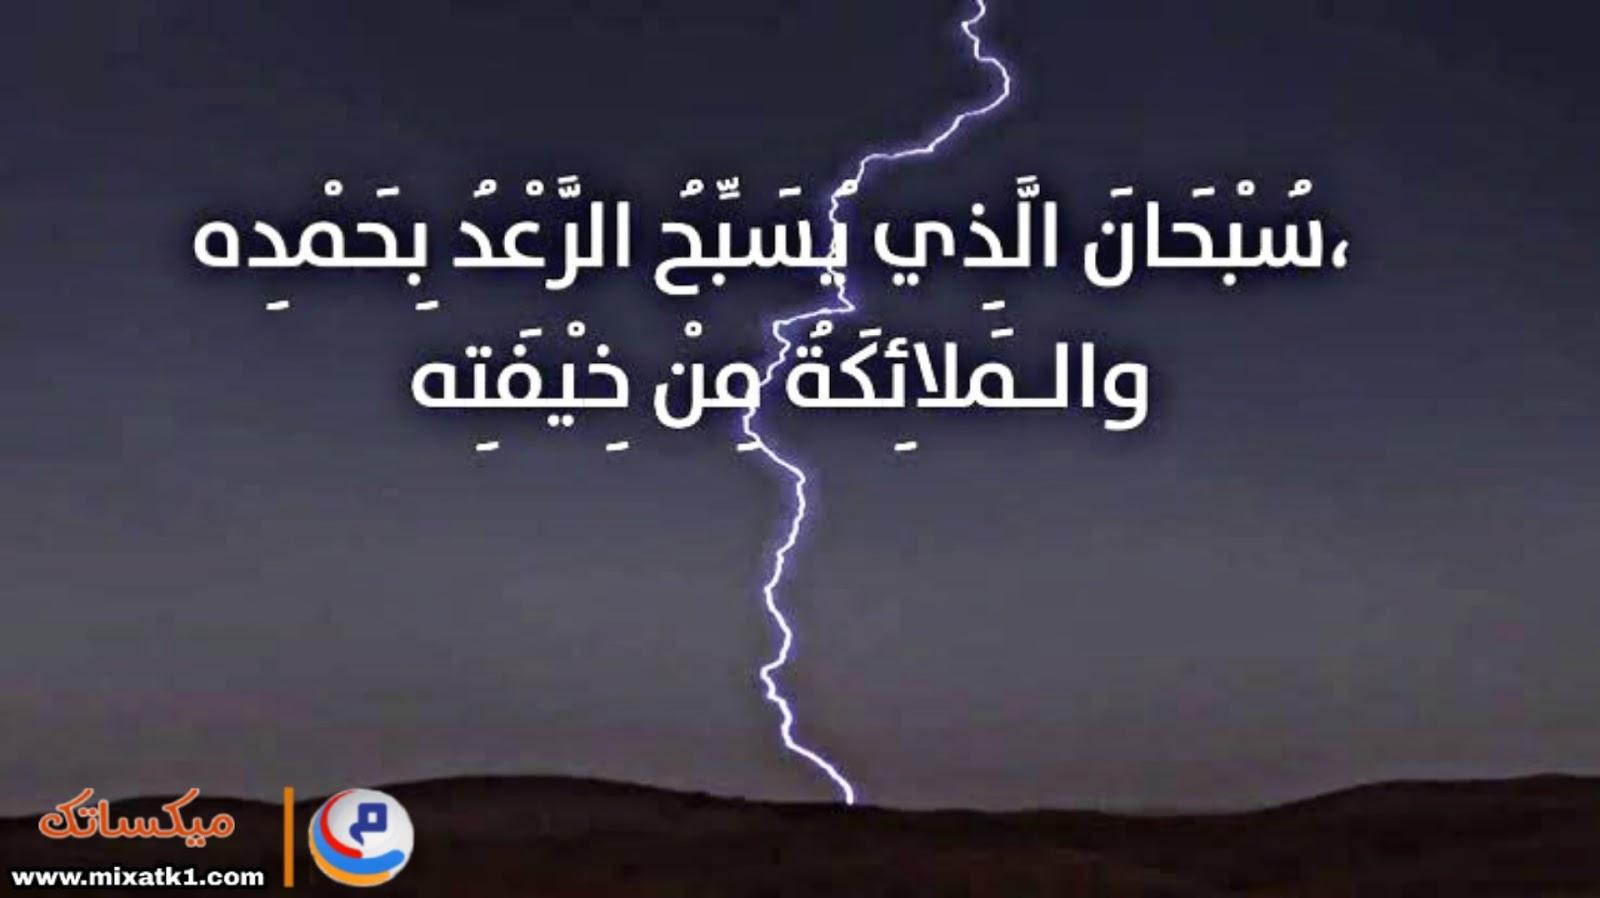 دعاء البرق والرعد,دعاء الرعد والبرق,دعاء البرق,سبحان الذي يسبح الرعد بحمده والملائكة من خيفته,دعاء الرعد والبرق والمطر,ادعية المطر,دعاء المطر والبرق,دعاء المطر والرعد,دعاء المطر